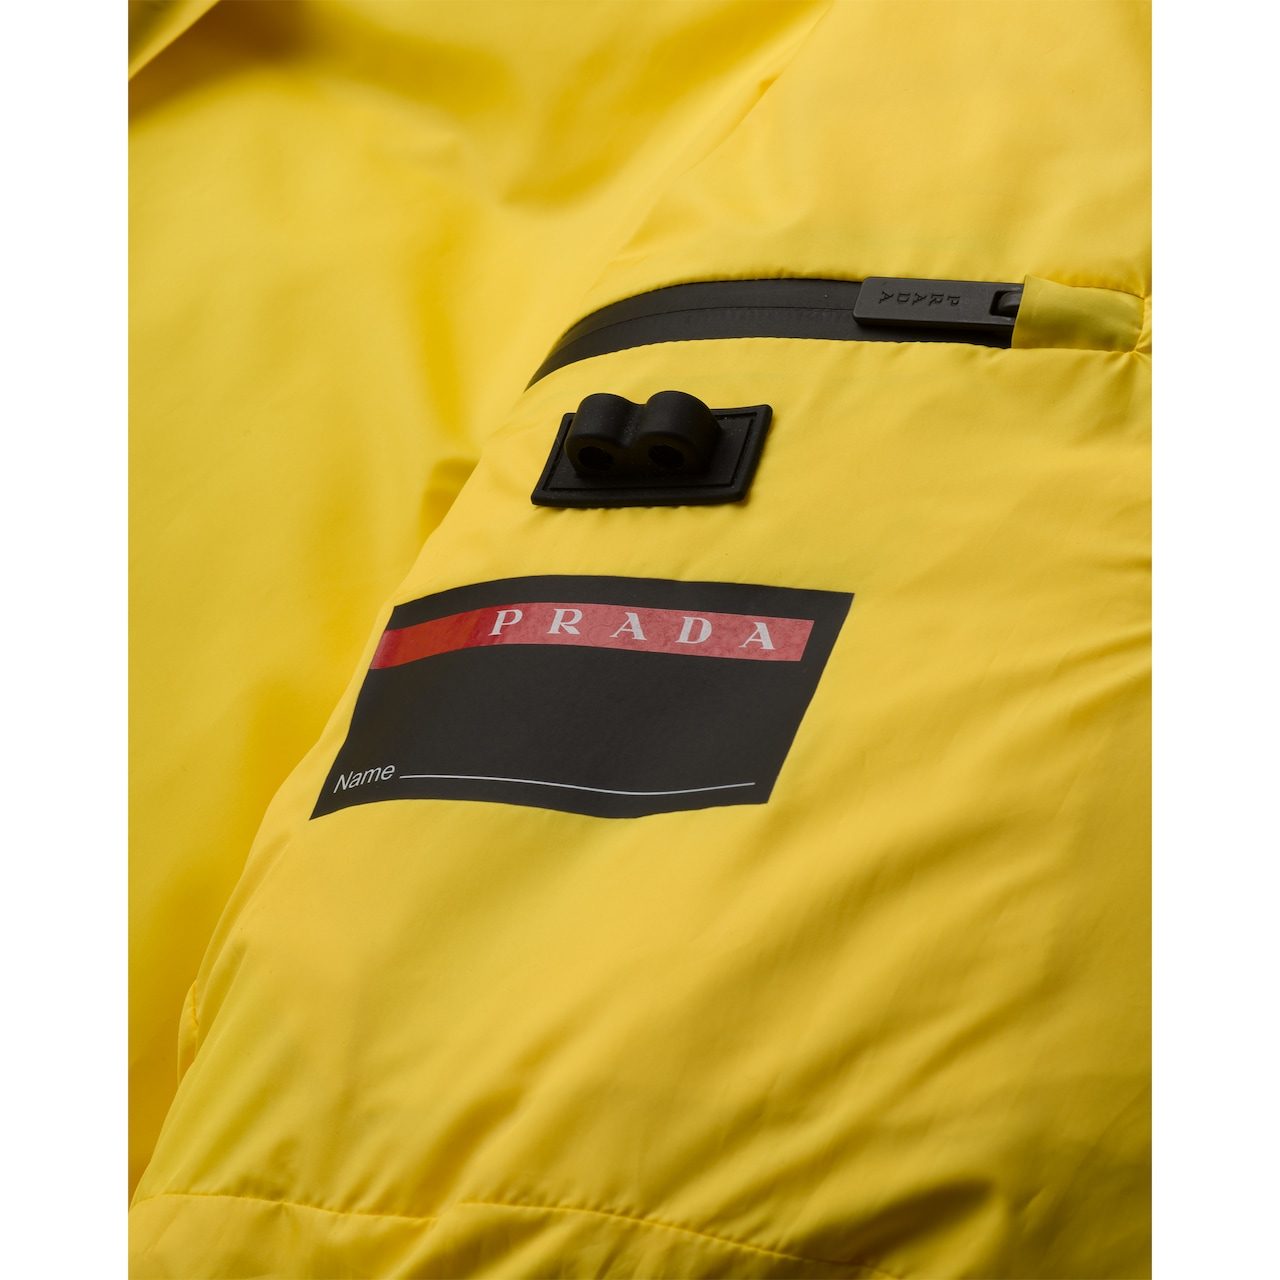 Prada LR-HX021 bonded nylon jacket 7